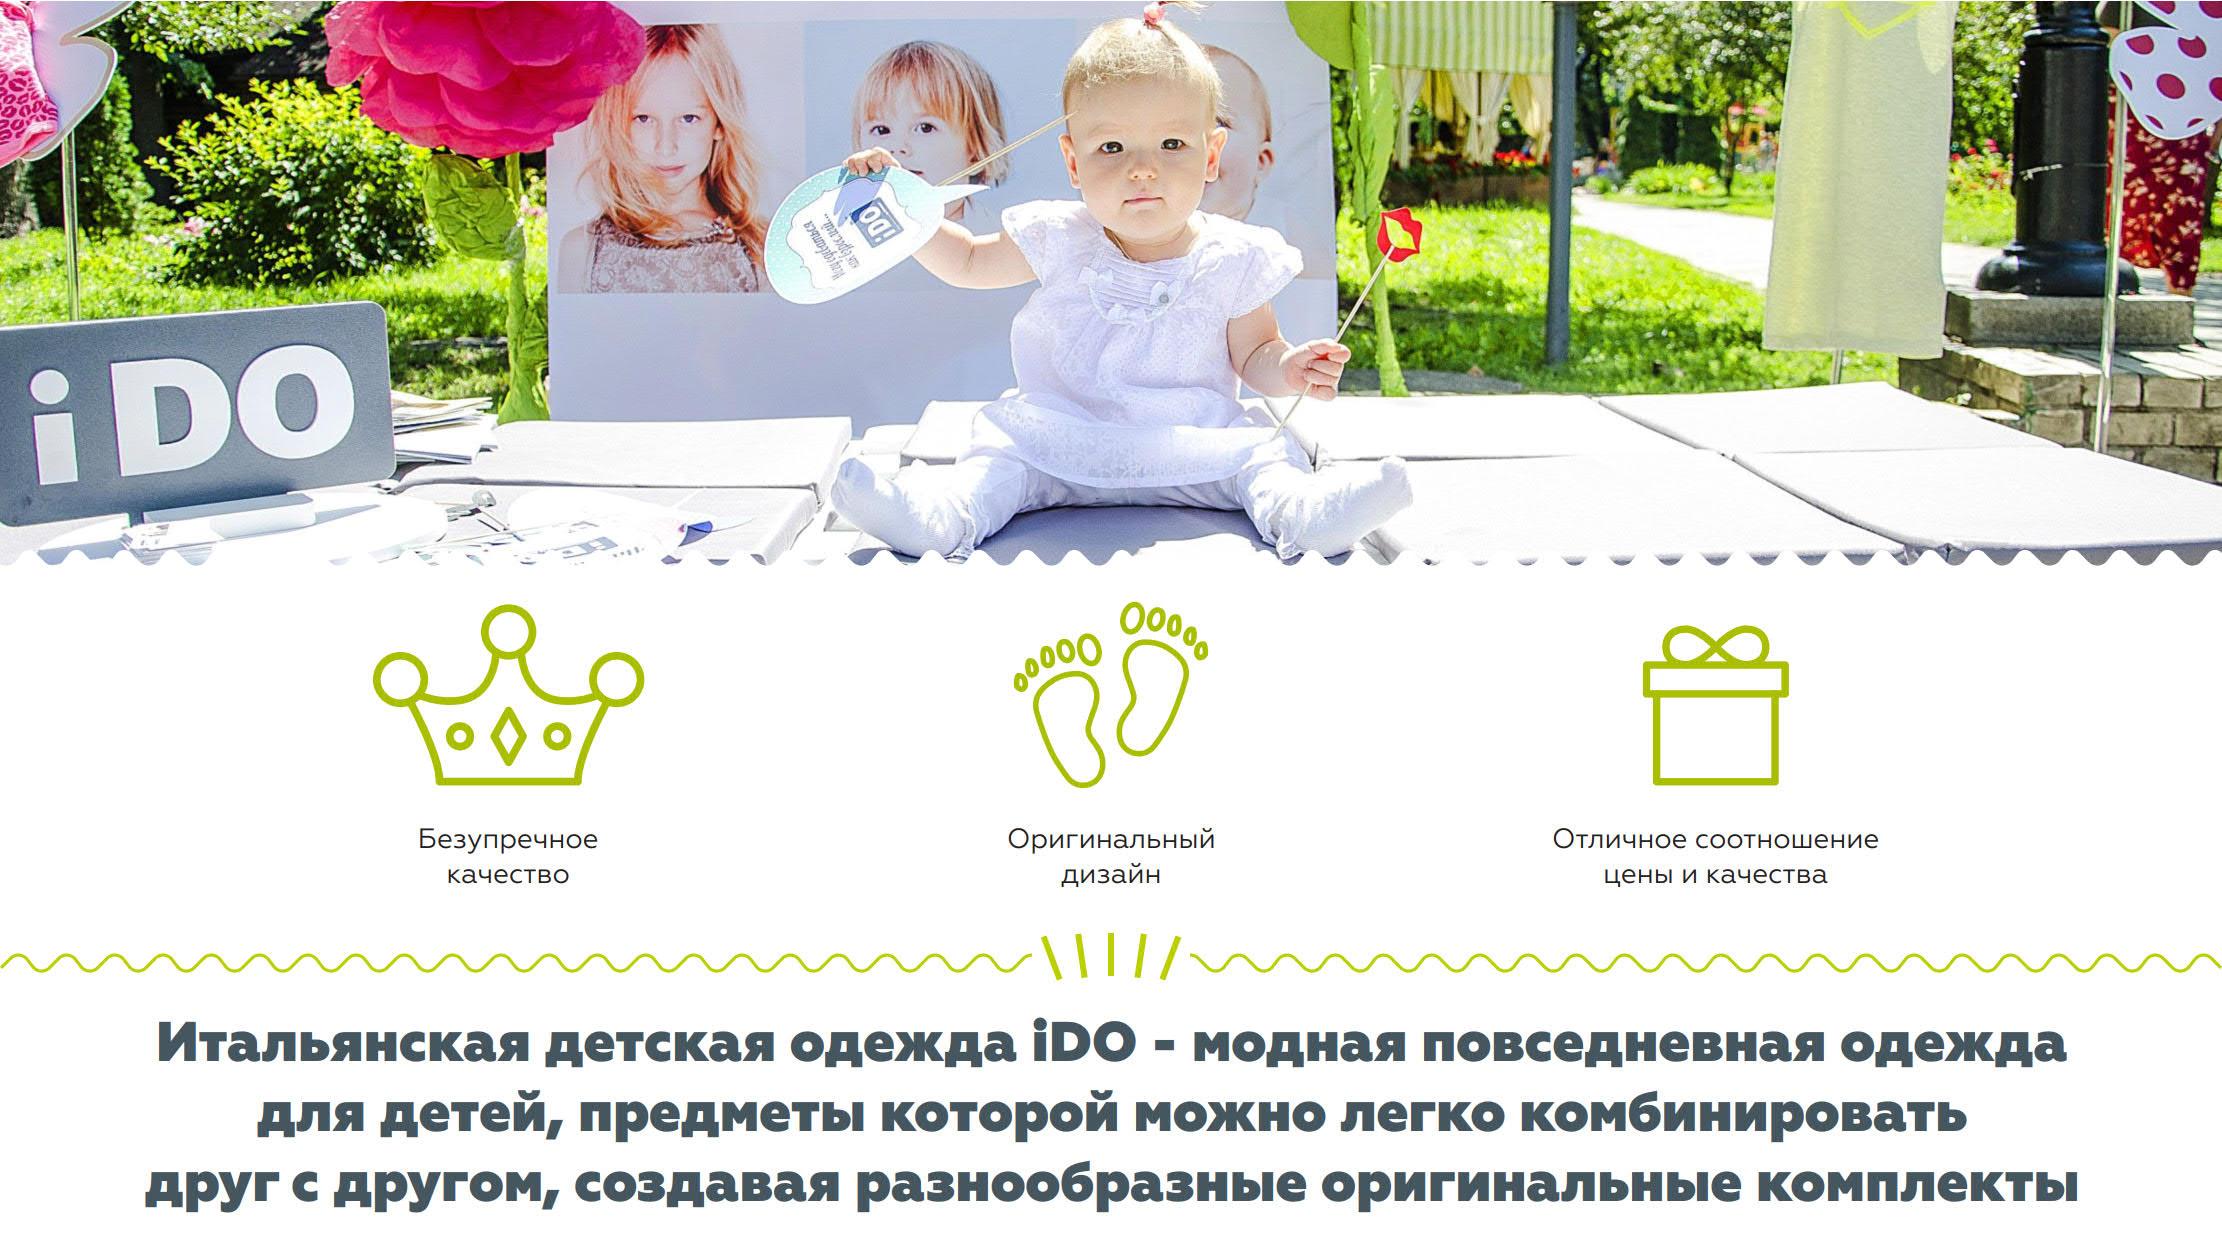 Презентация магазинов детской одежды iDO для аренды в ТРЦ